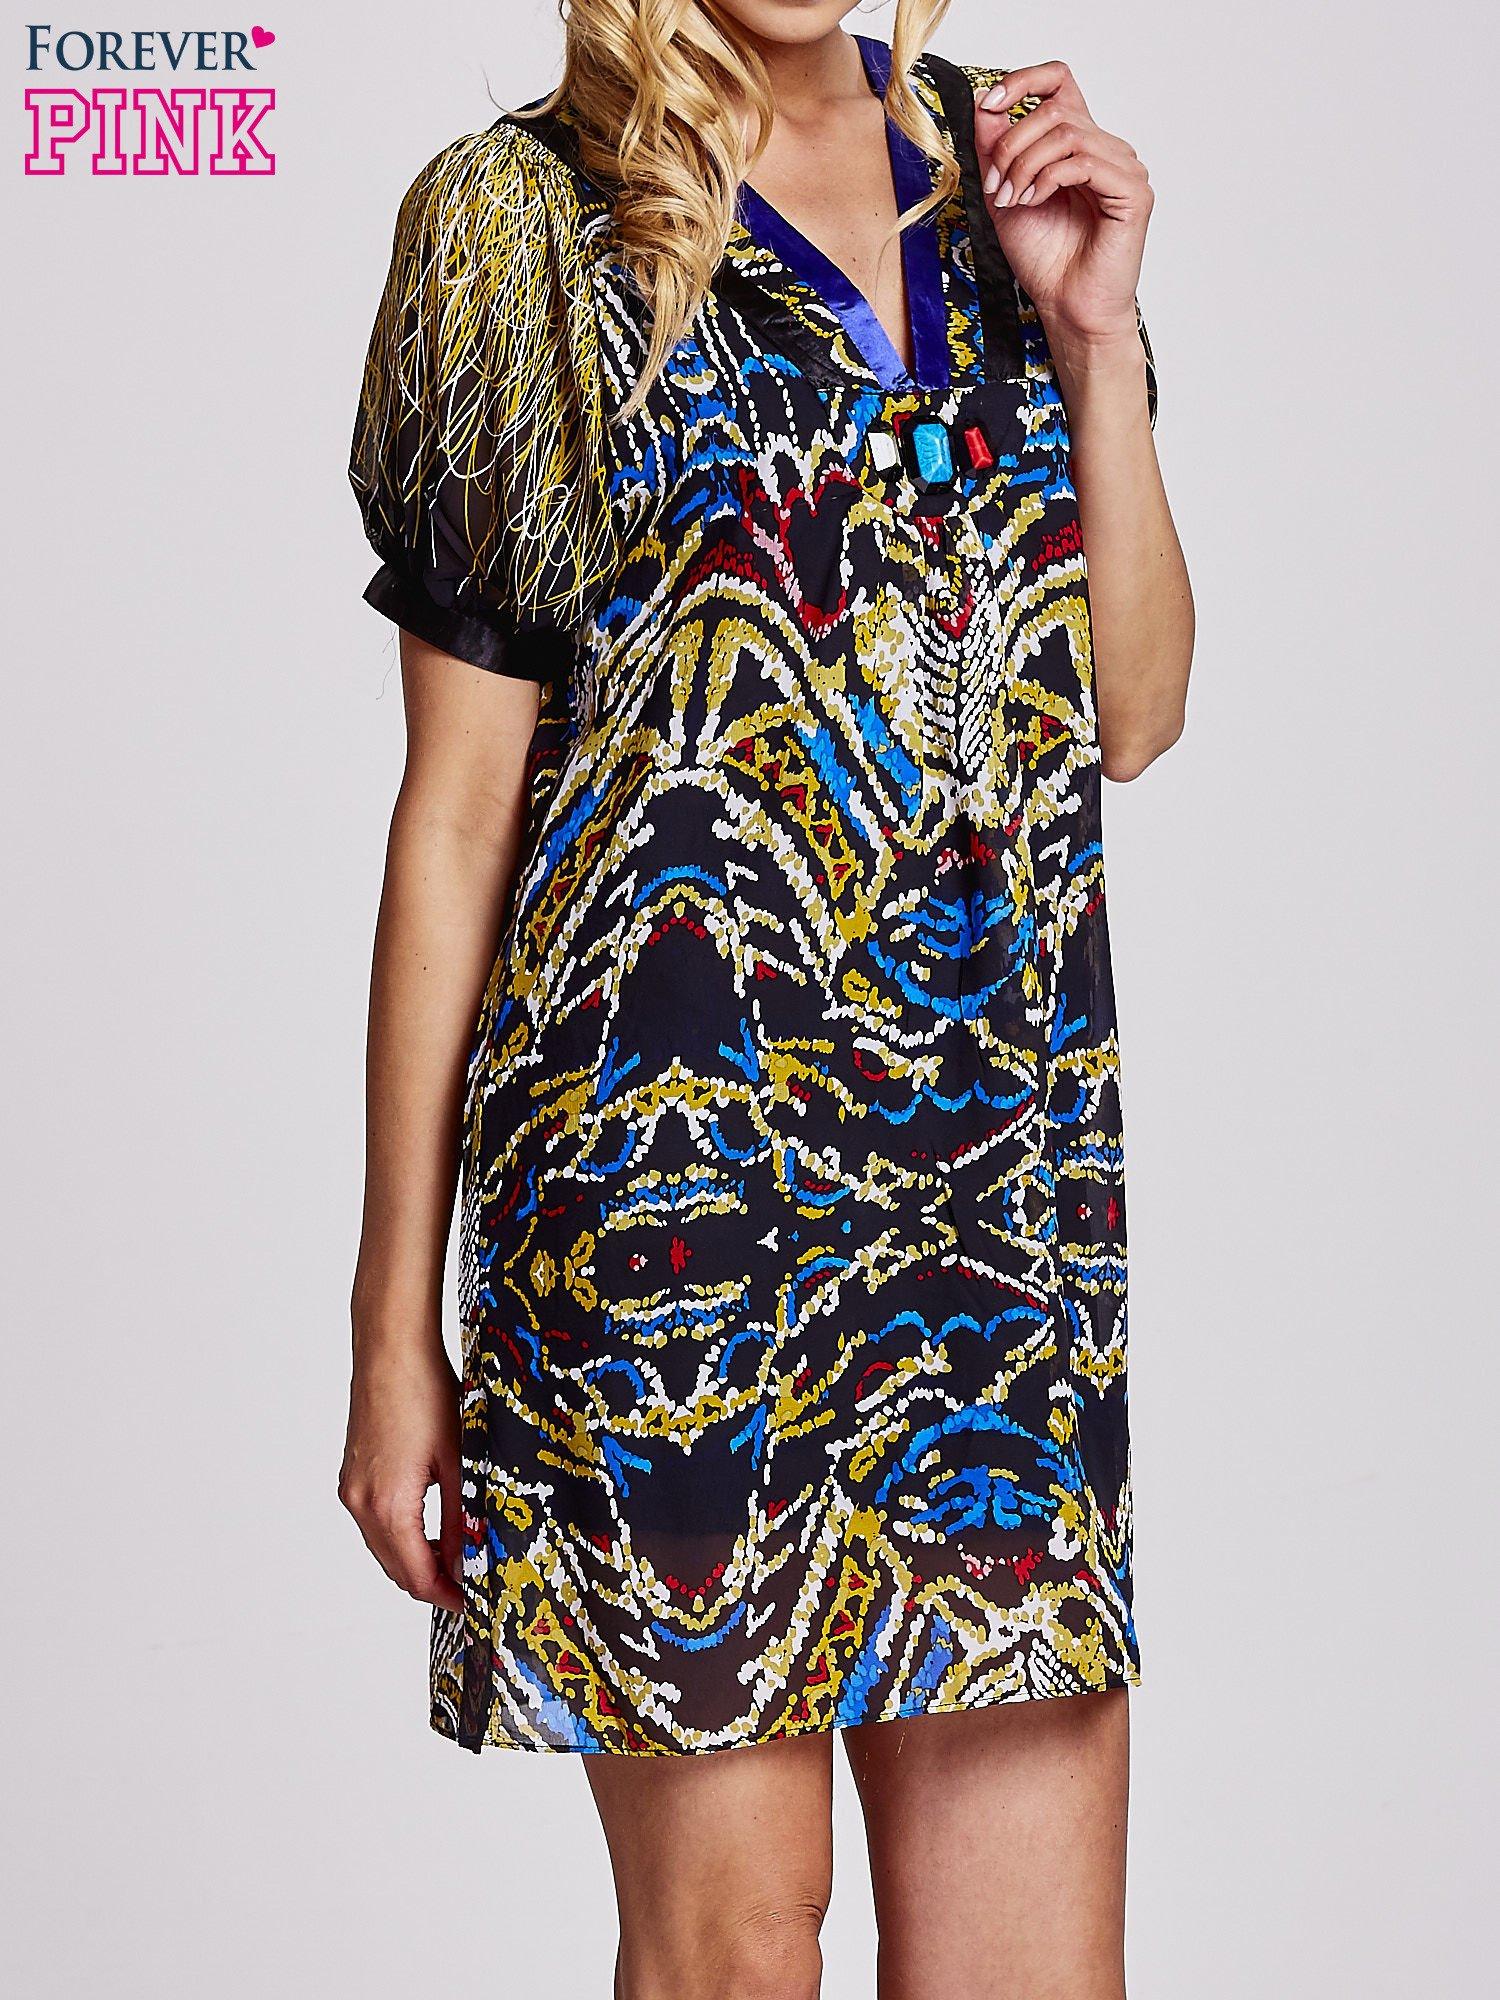 Granatowa  wzorzysta sukienka z kamieniami                                  zdj.                                  3